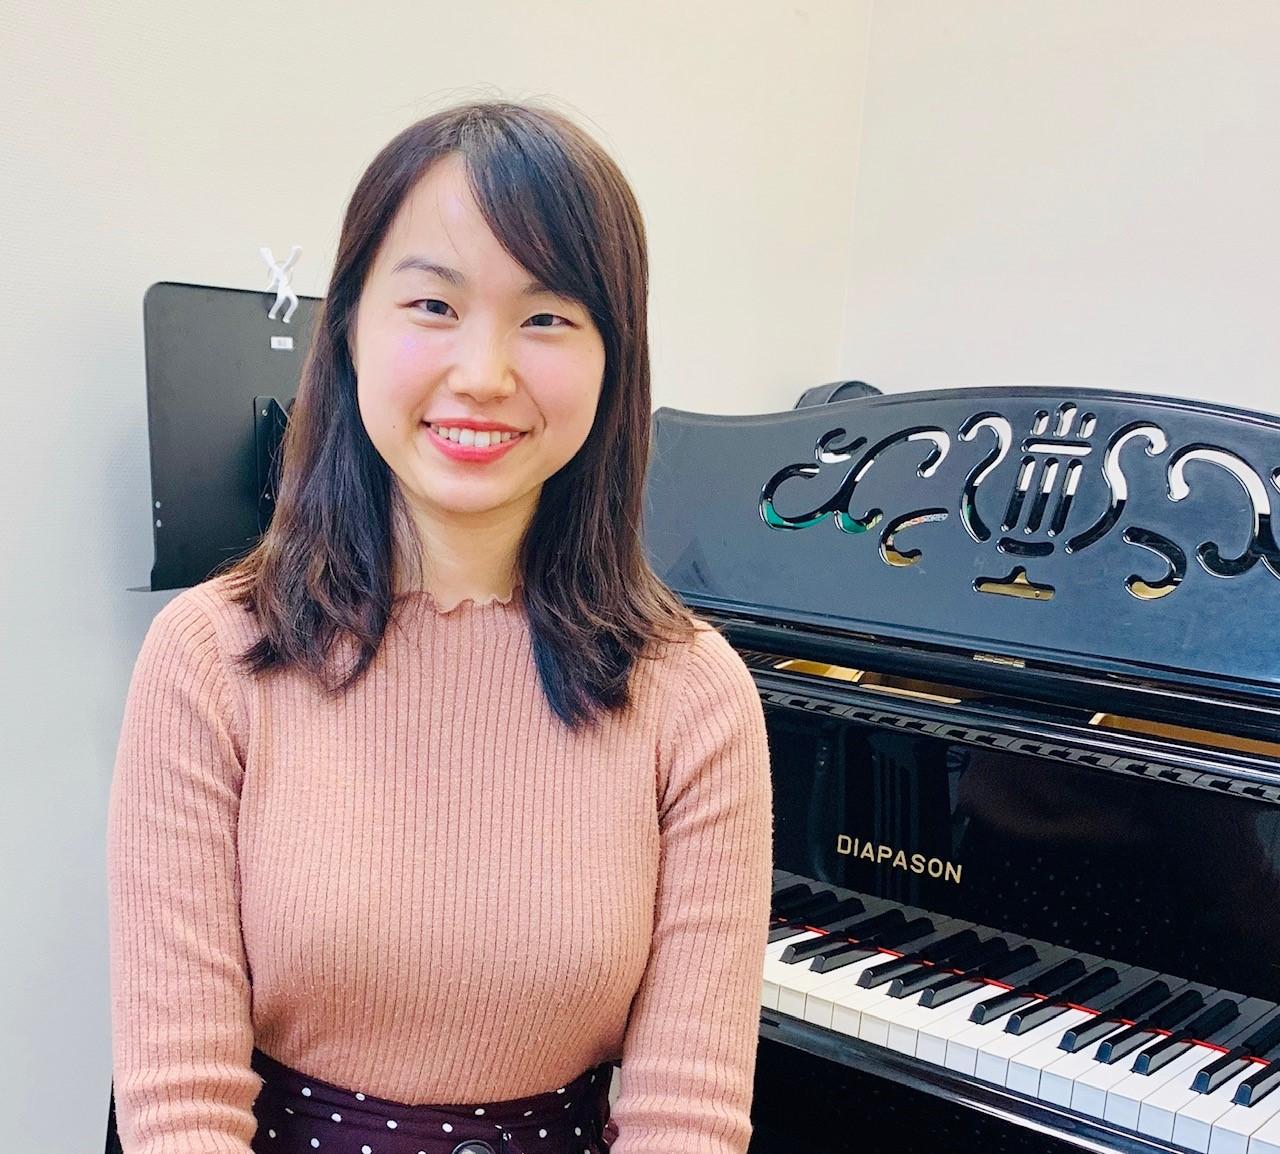 piano ピアノ講師 ピアノレッスン